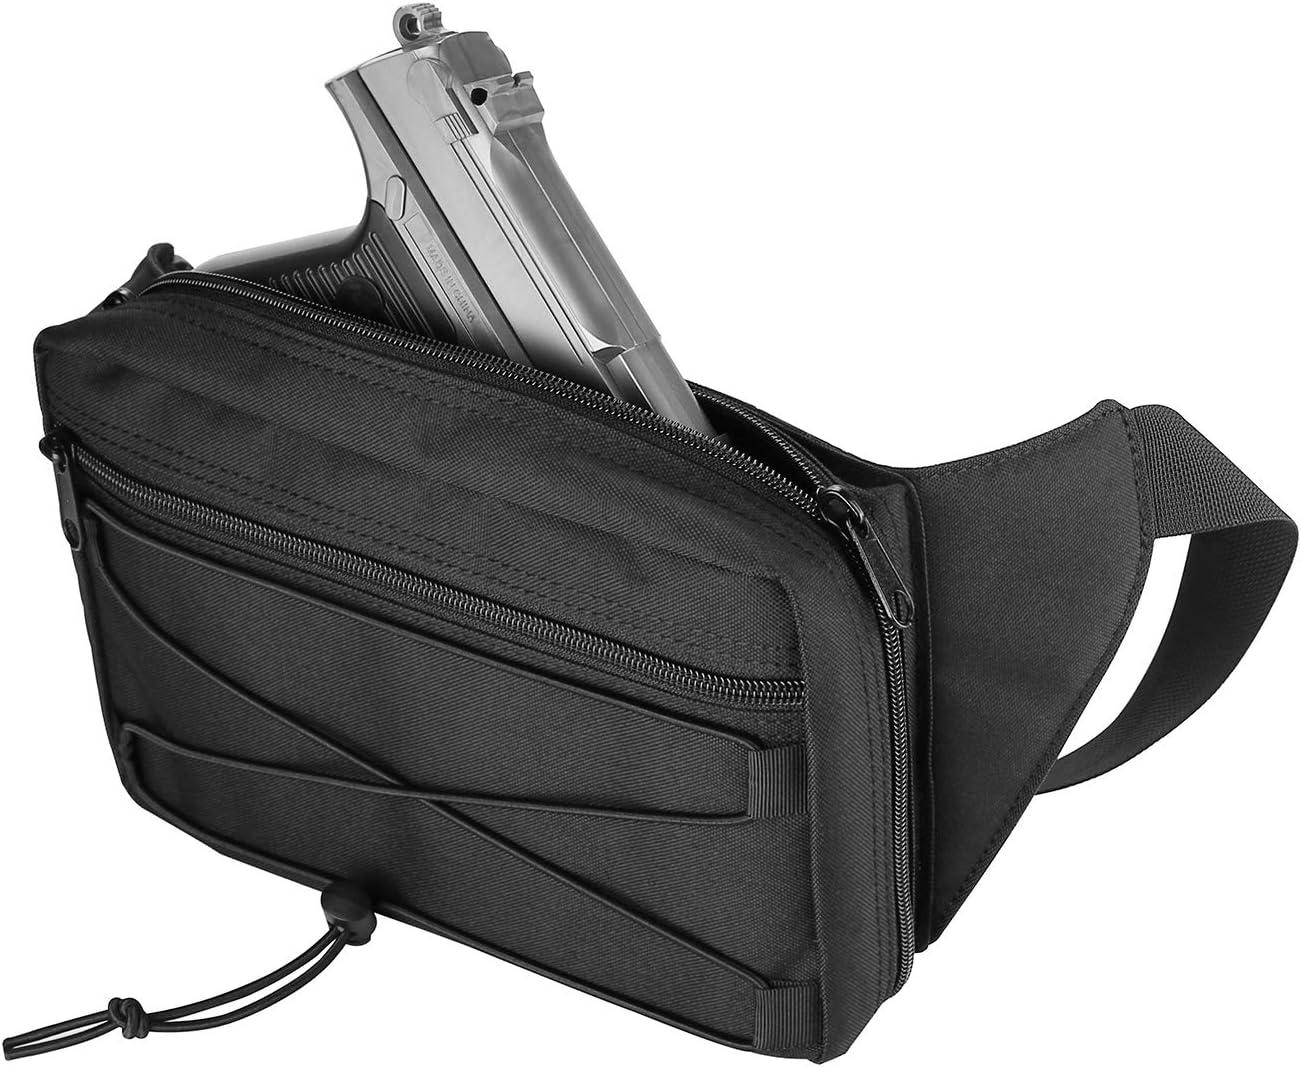 Procase Funda Oculta de Pistola, Riñonera para Llevar Pistolas Glock en la Cintura, Springfield, Sig y la Mayoría de Las Pistolas Compactas y Subcompactas -Negro